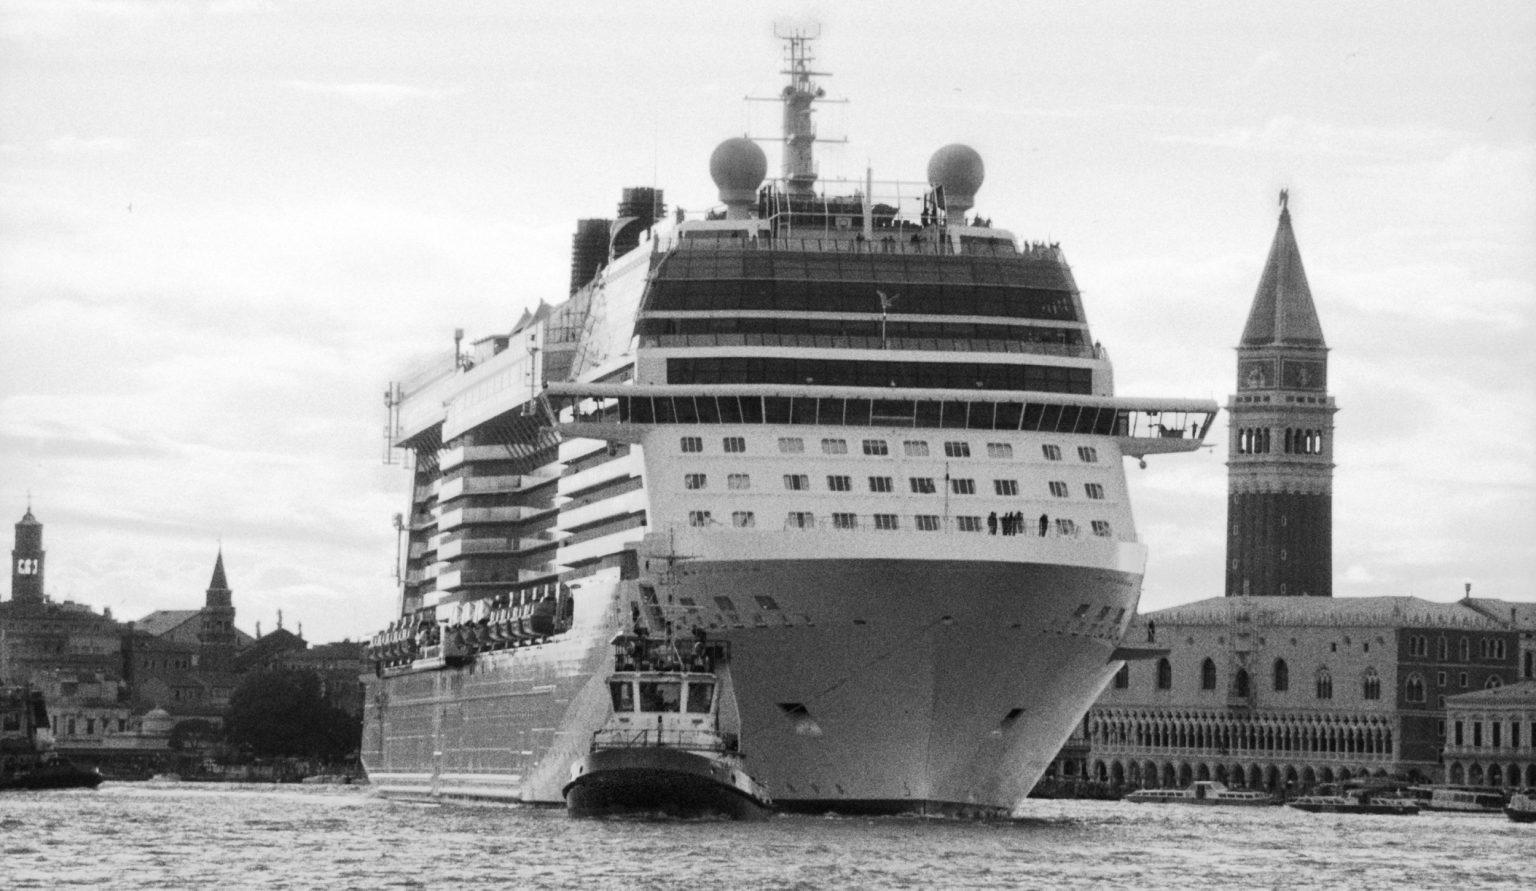 """Venice, April 2013 - Big cruise liners invade the city - Cruise ship passing by St Mark's Square ><  Venezia, aprile 2013 - Le grandi navi da crociera invadono la città - Un transatlantico passa davanti a piazza San Marco<p><span style=""""color: #ff0000""""><strong>*** SPECIAL   FEE   APPLIES ***</strong></span></p>*** SPECIAL   FEE   APPLIES *** *** Local Caption *** 00473493"""